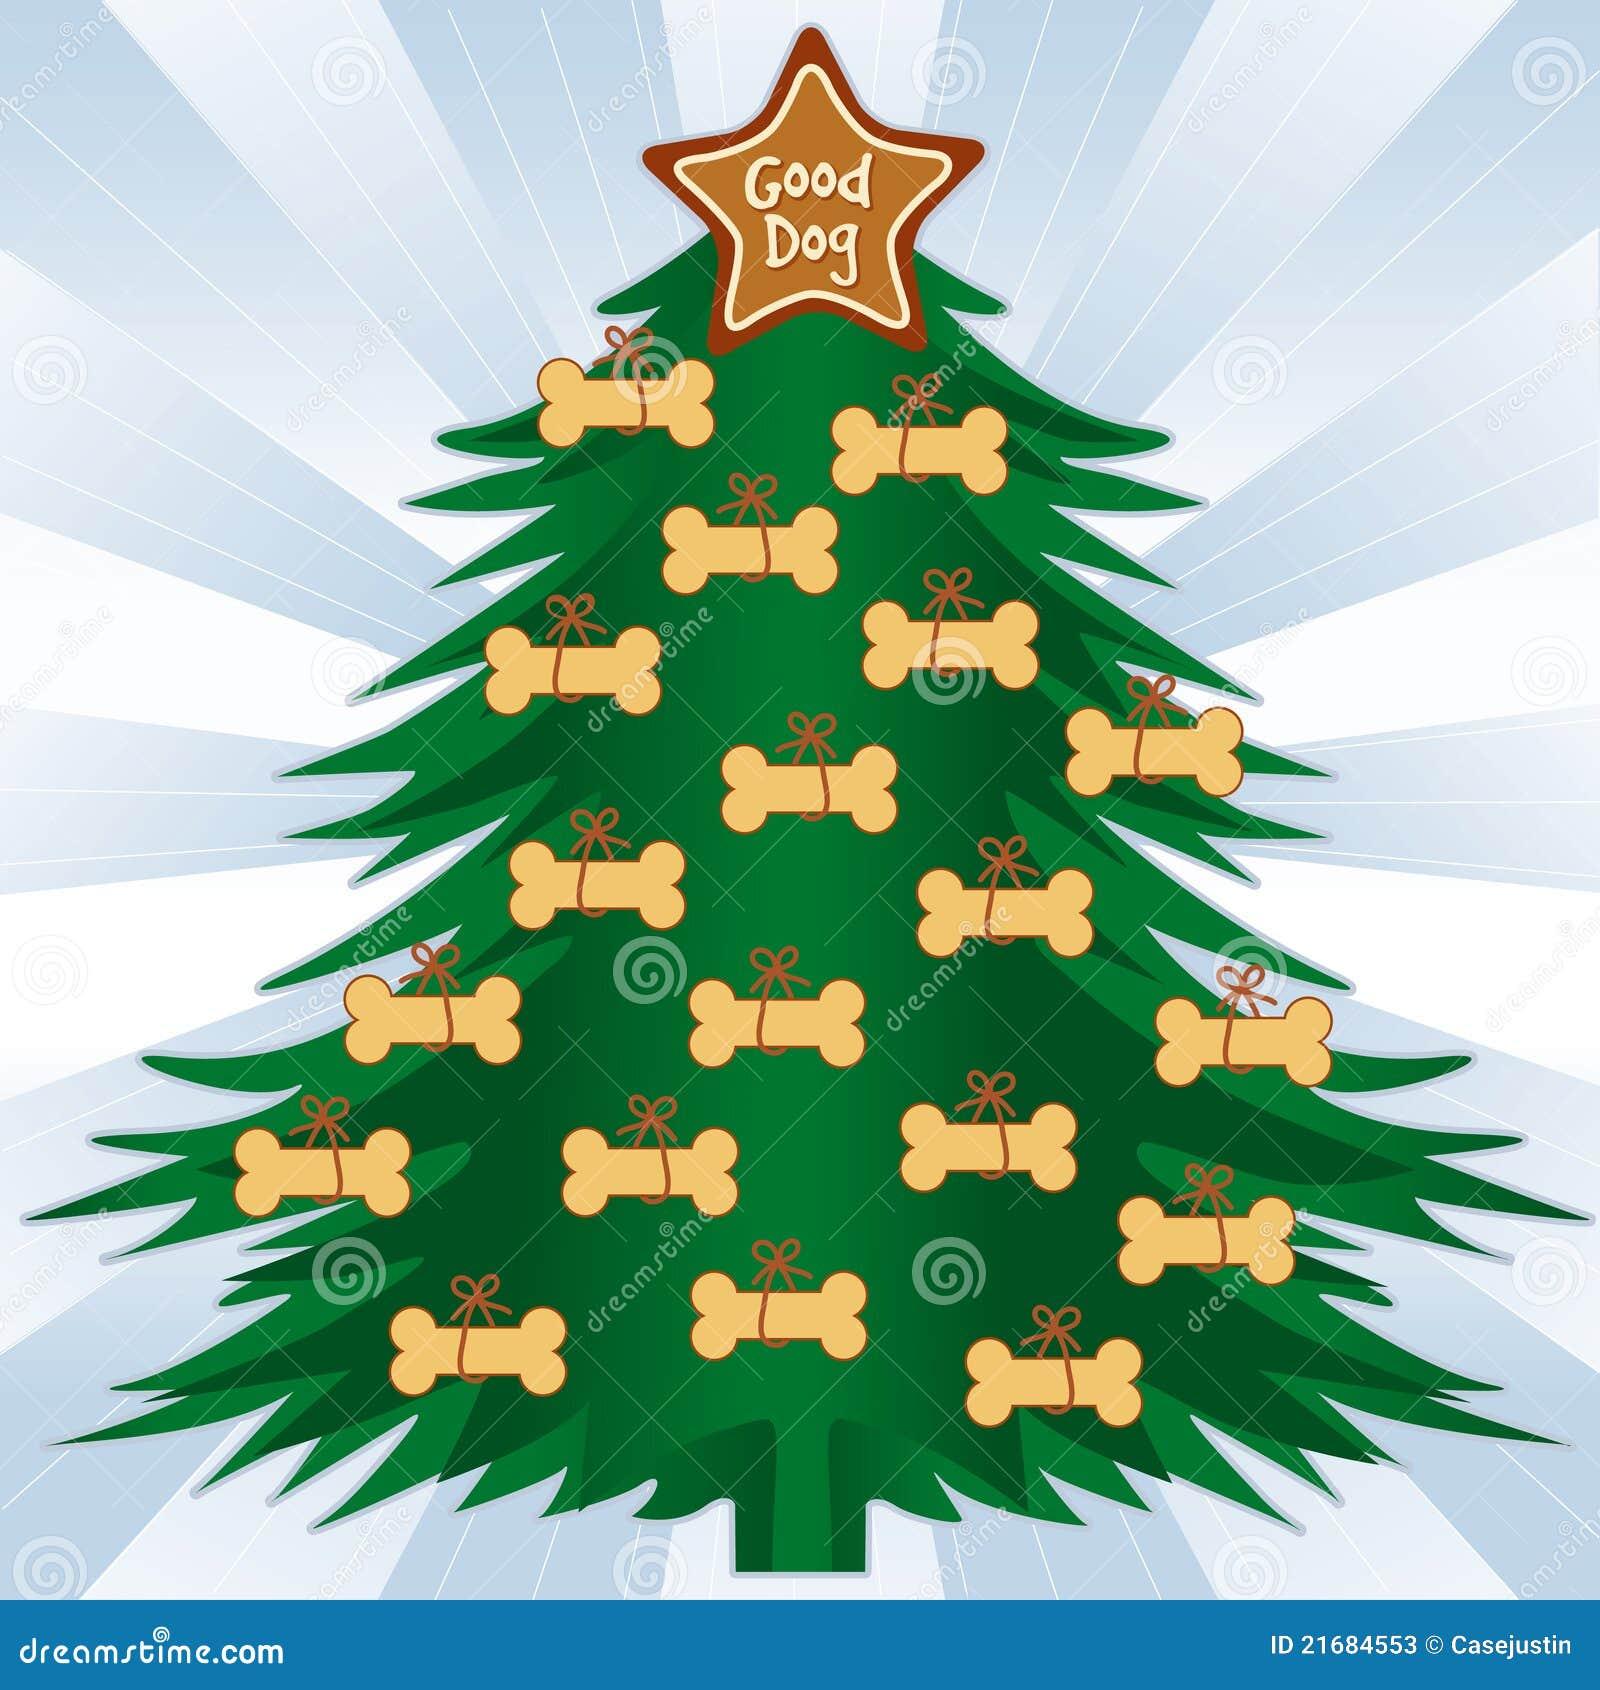 hundeknochen weihnachtsbaum stockfotos bild 21684553. Black Bedroom Furniture Sets. Home Design Ideas